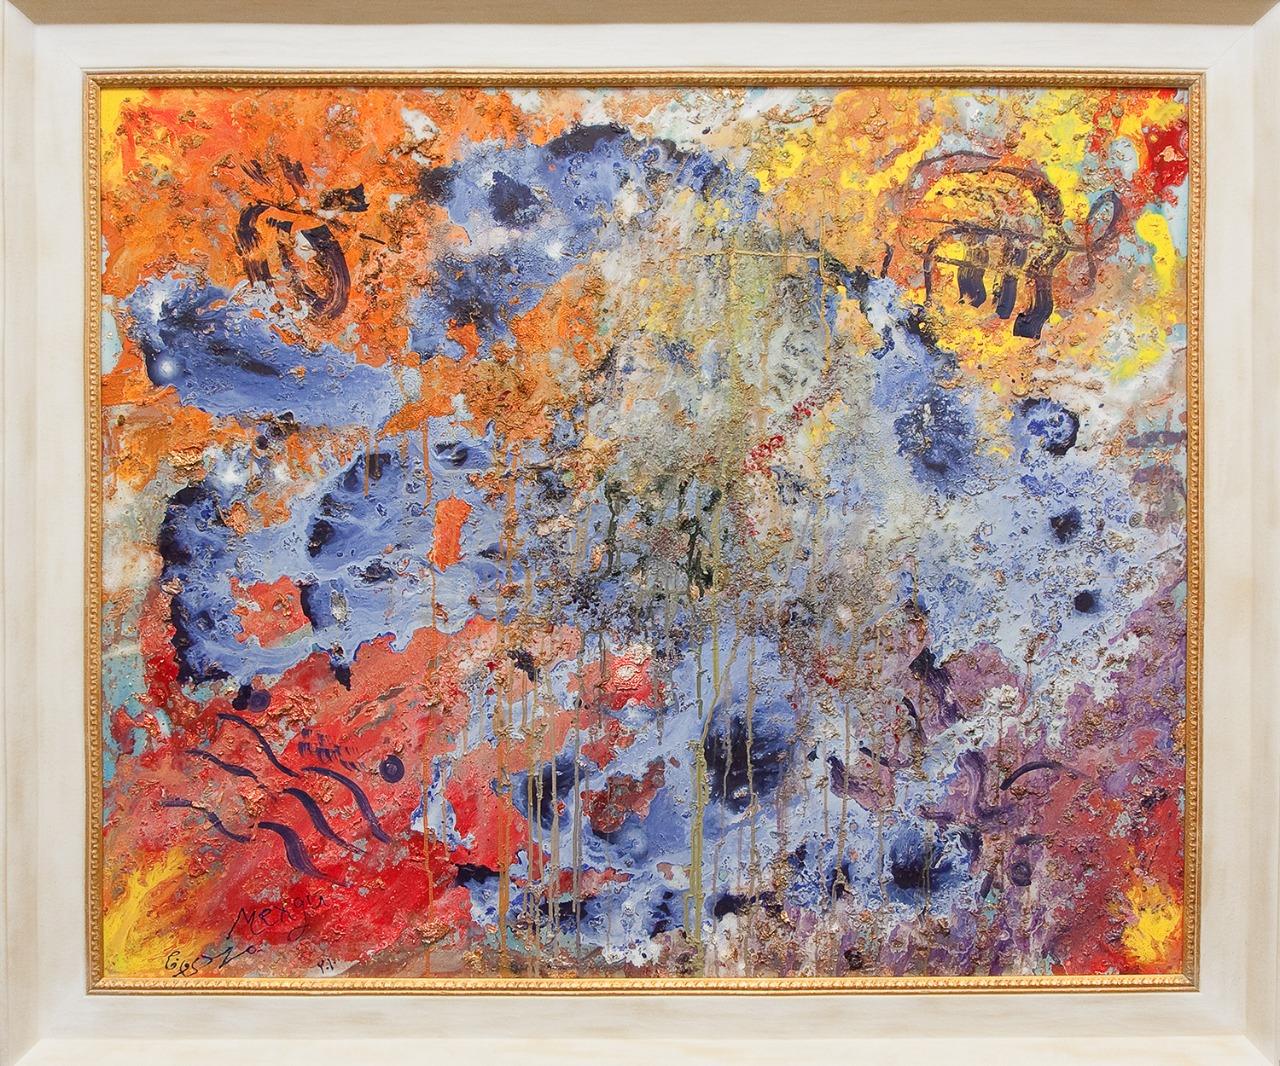 Интуиция - картина победителя Битвы Экстрасенсов Мехди Эбрагими Вафа